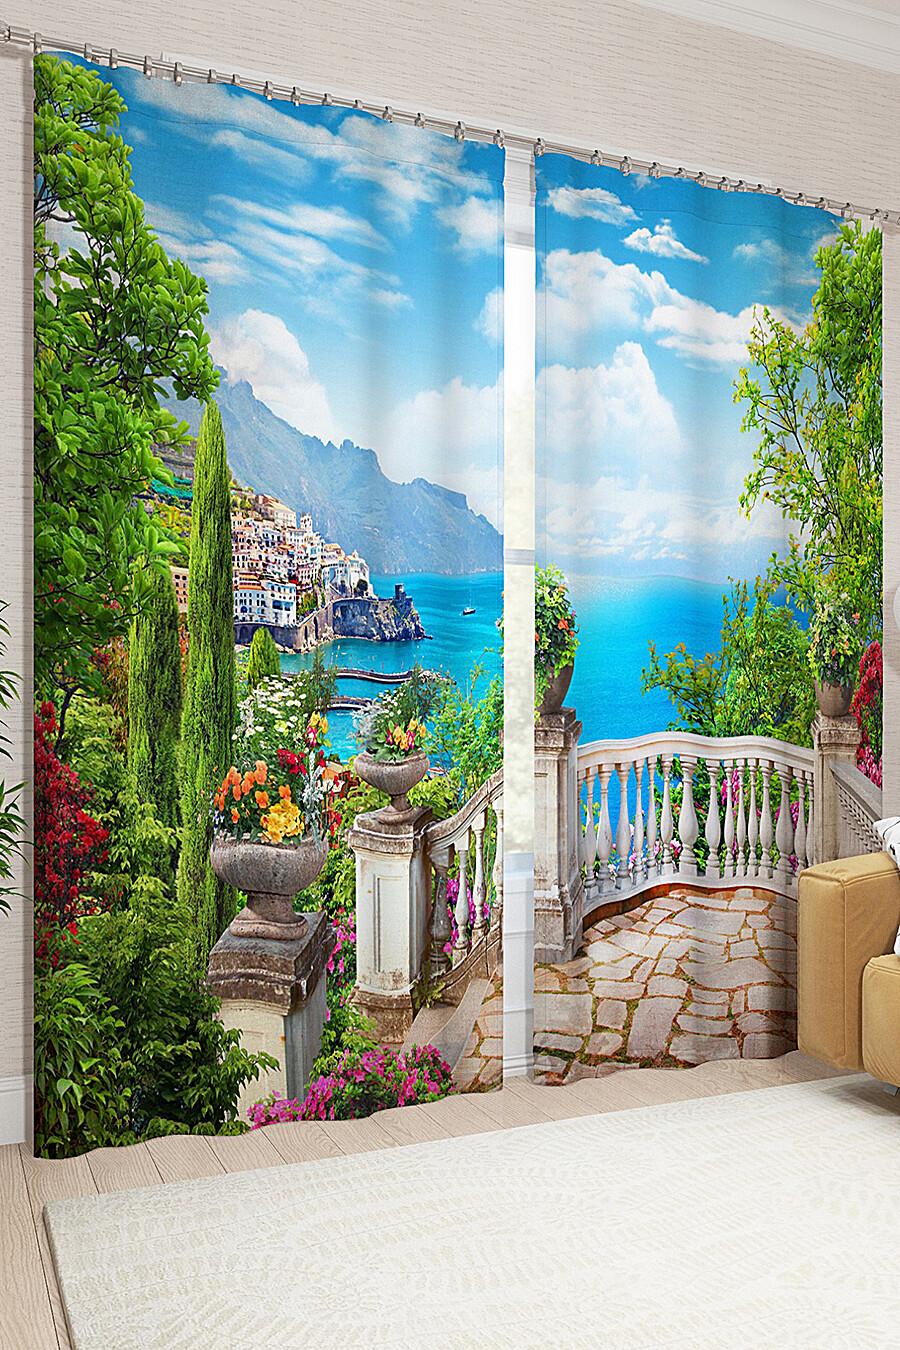 Фотошторы для дома ART HOME TEXTILE 123519 купить оптом от производителя. Совместная покупка товаров для дома в OptMoyo